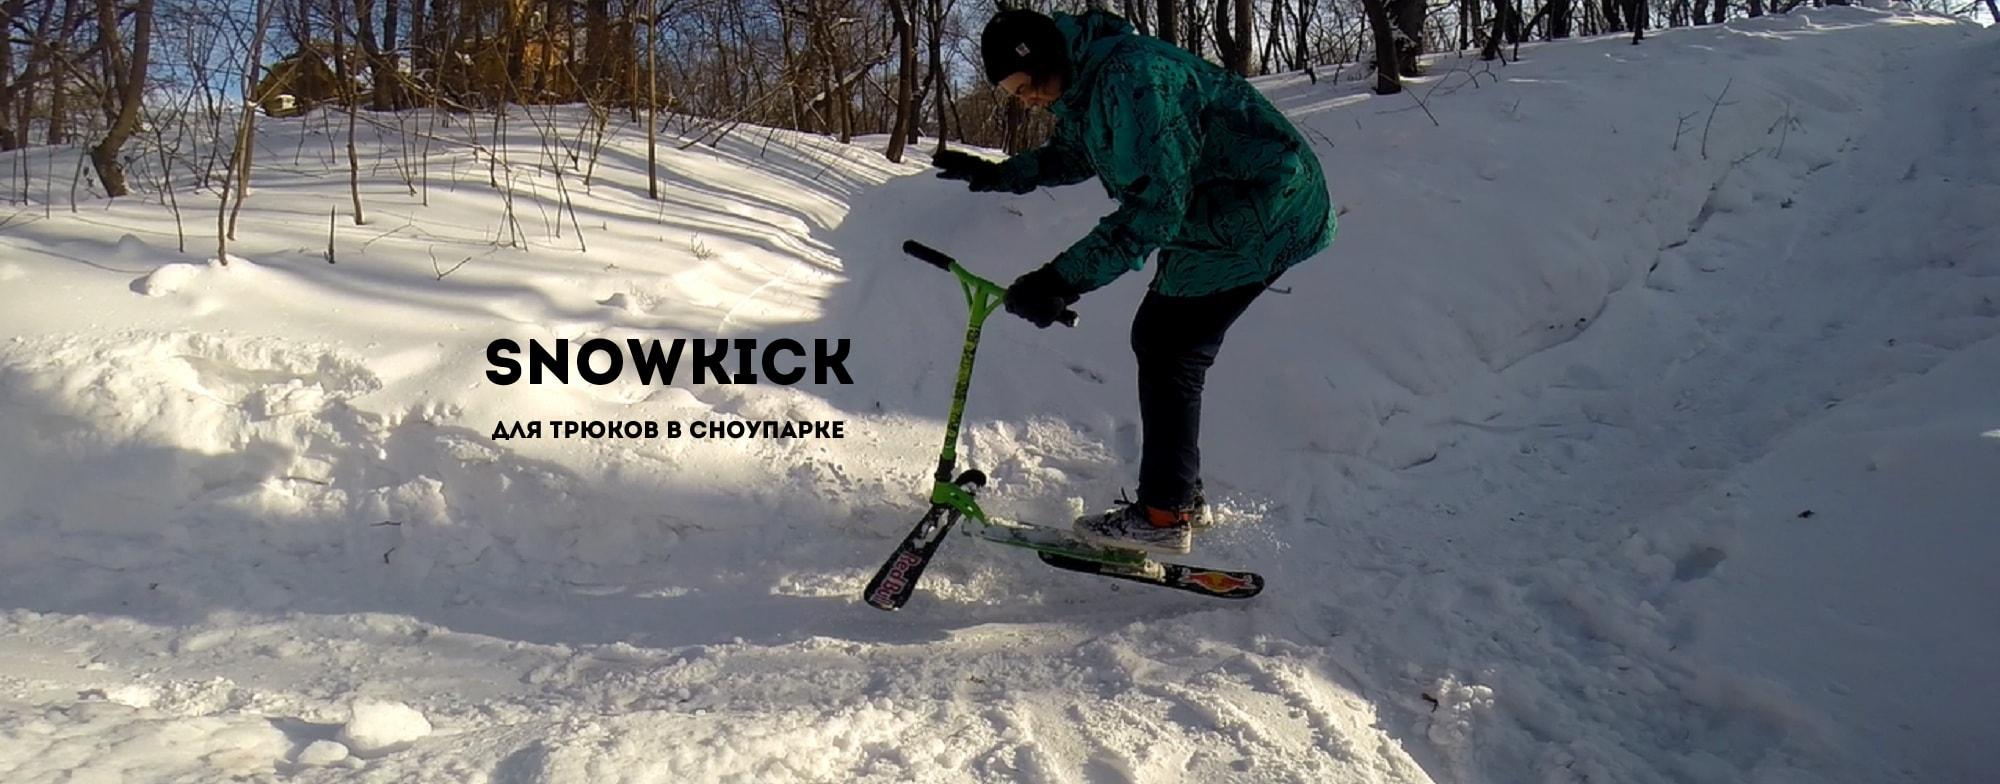 snowkick_4-min